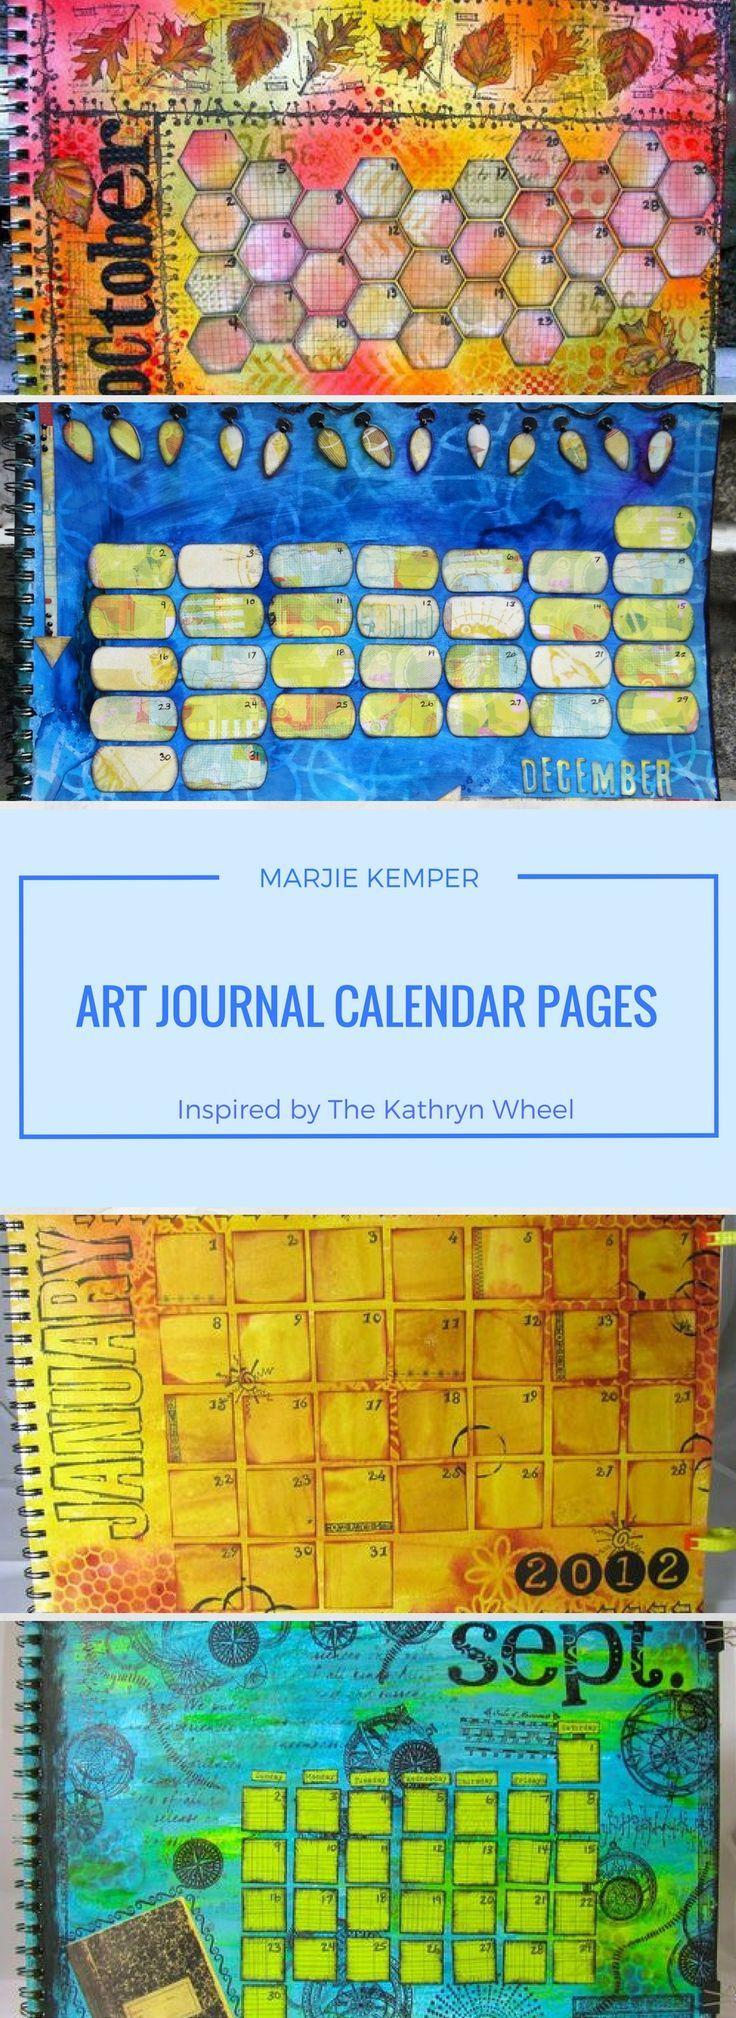 Calendar Art Journal : Best images about art journal inspiration on pinterest